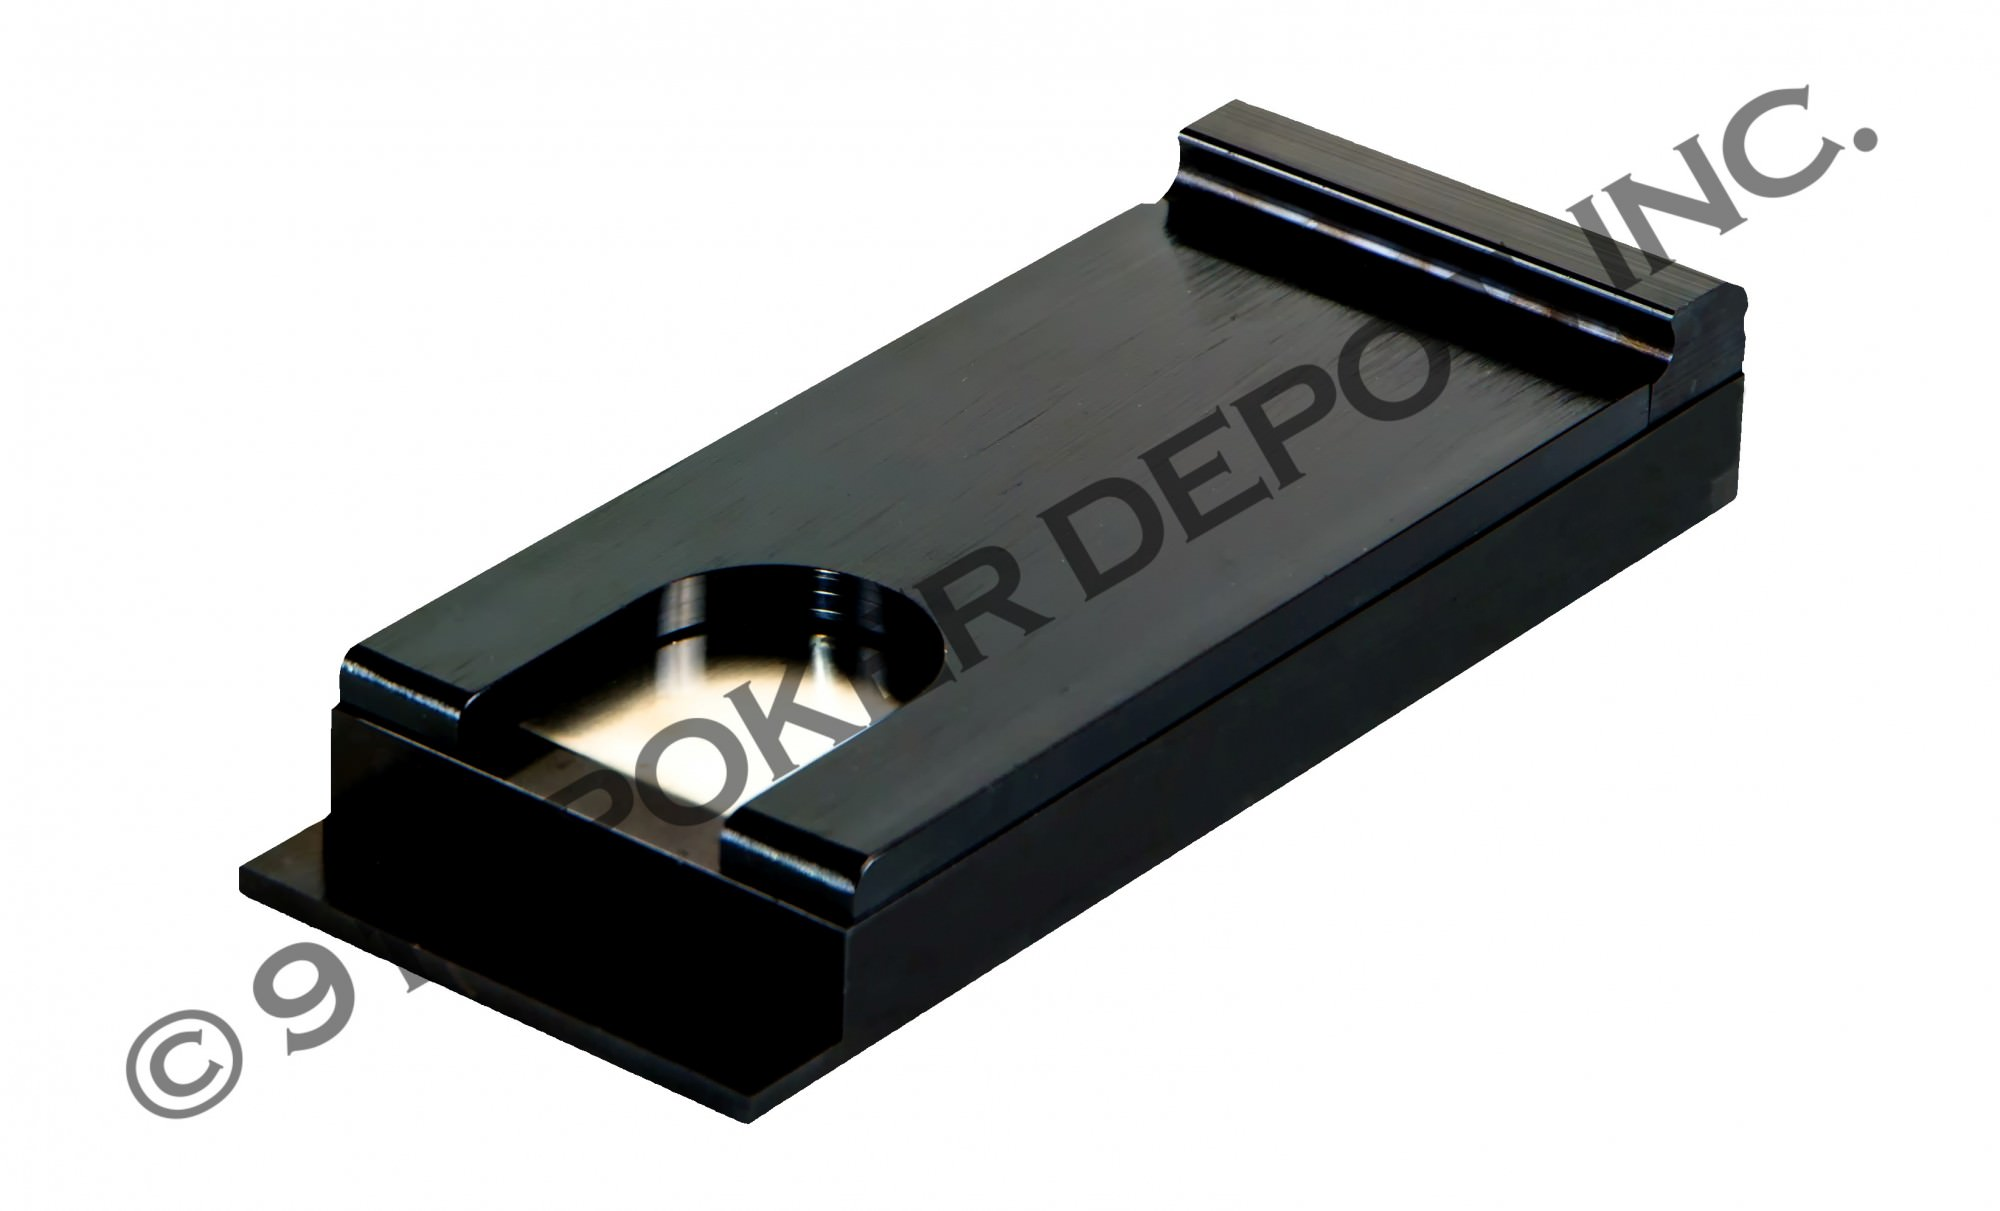 Poker Drop Slide